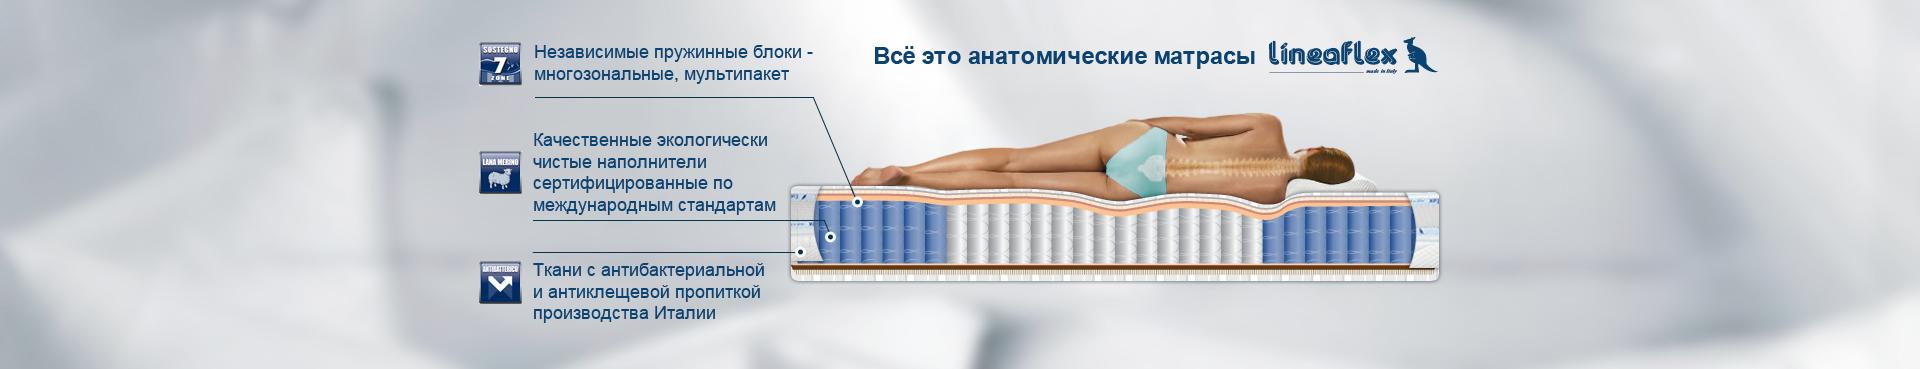 Ортопедические матрасы Lineflex в интернет магазине buy-matras.ru